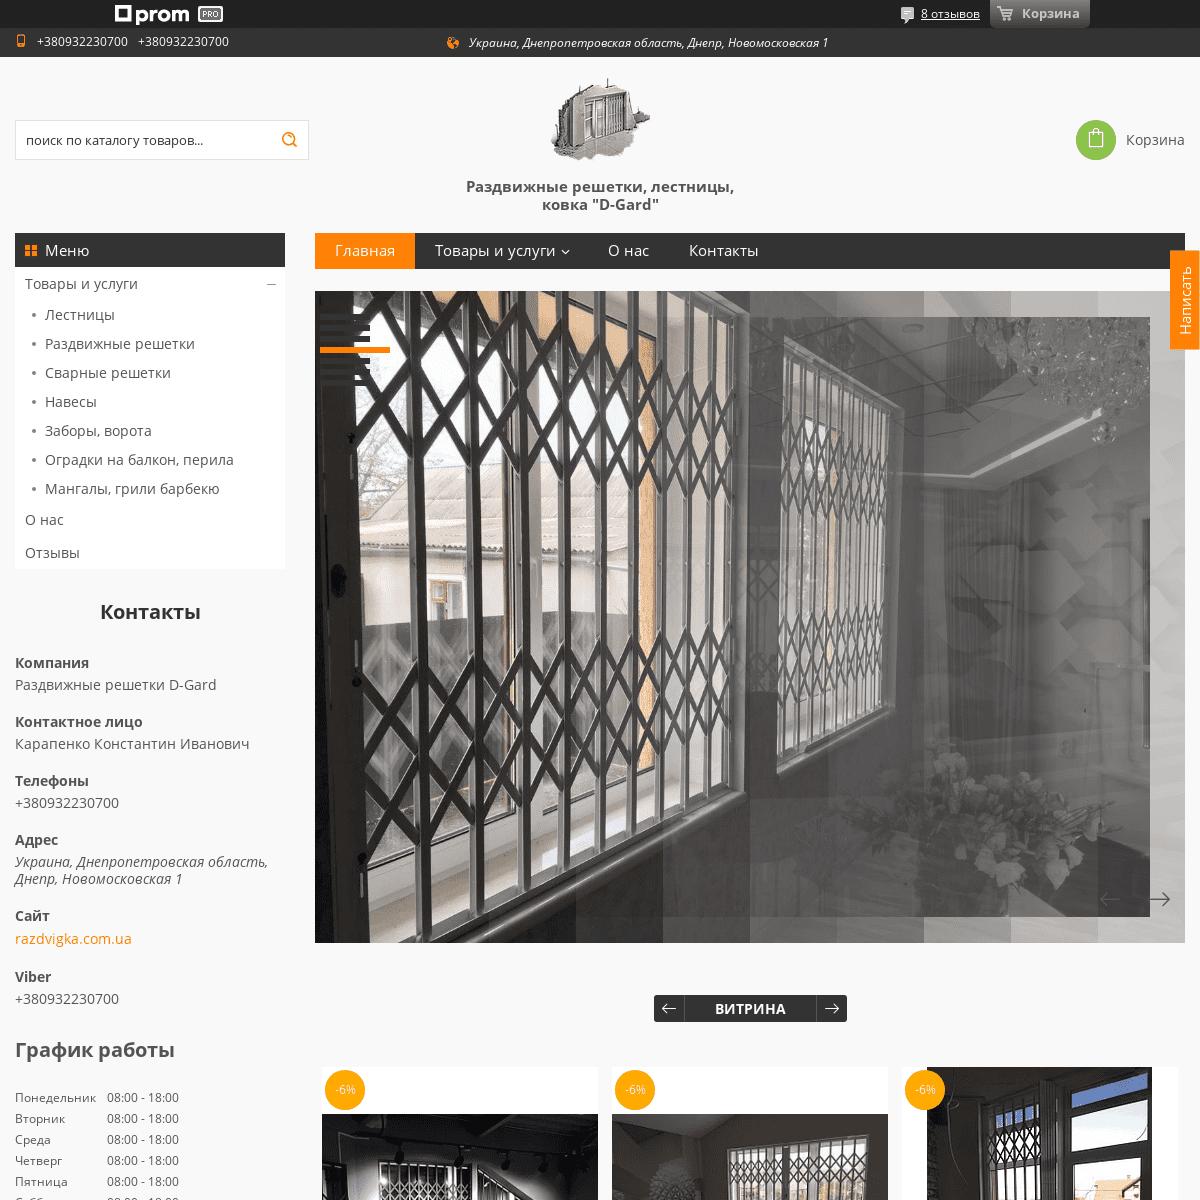 ArchiveBay.com - razdvigka.com.ua - - Раздвижные решетки D-Gard- - контакты, товары, услуги, цены